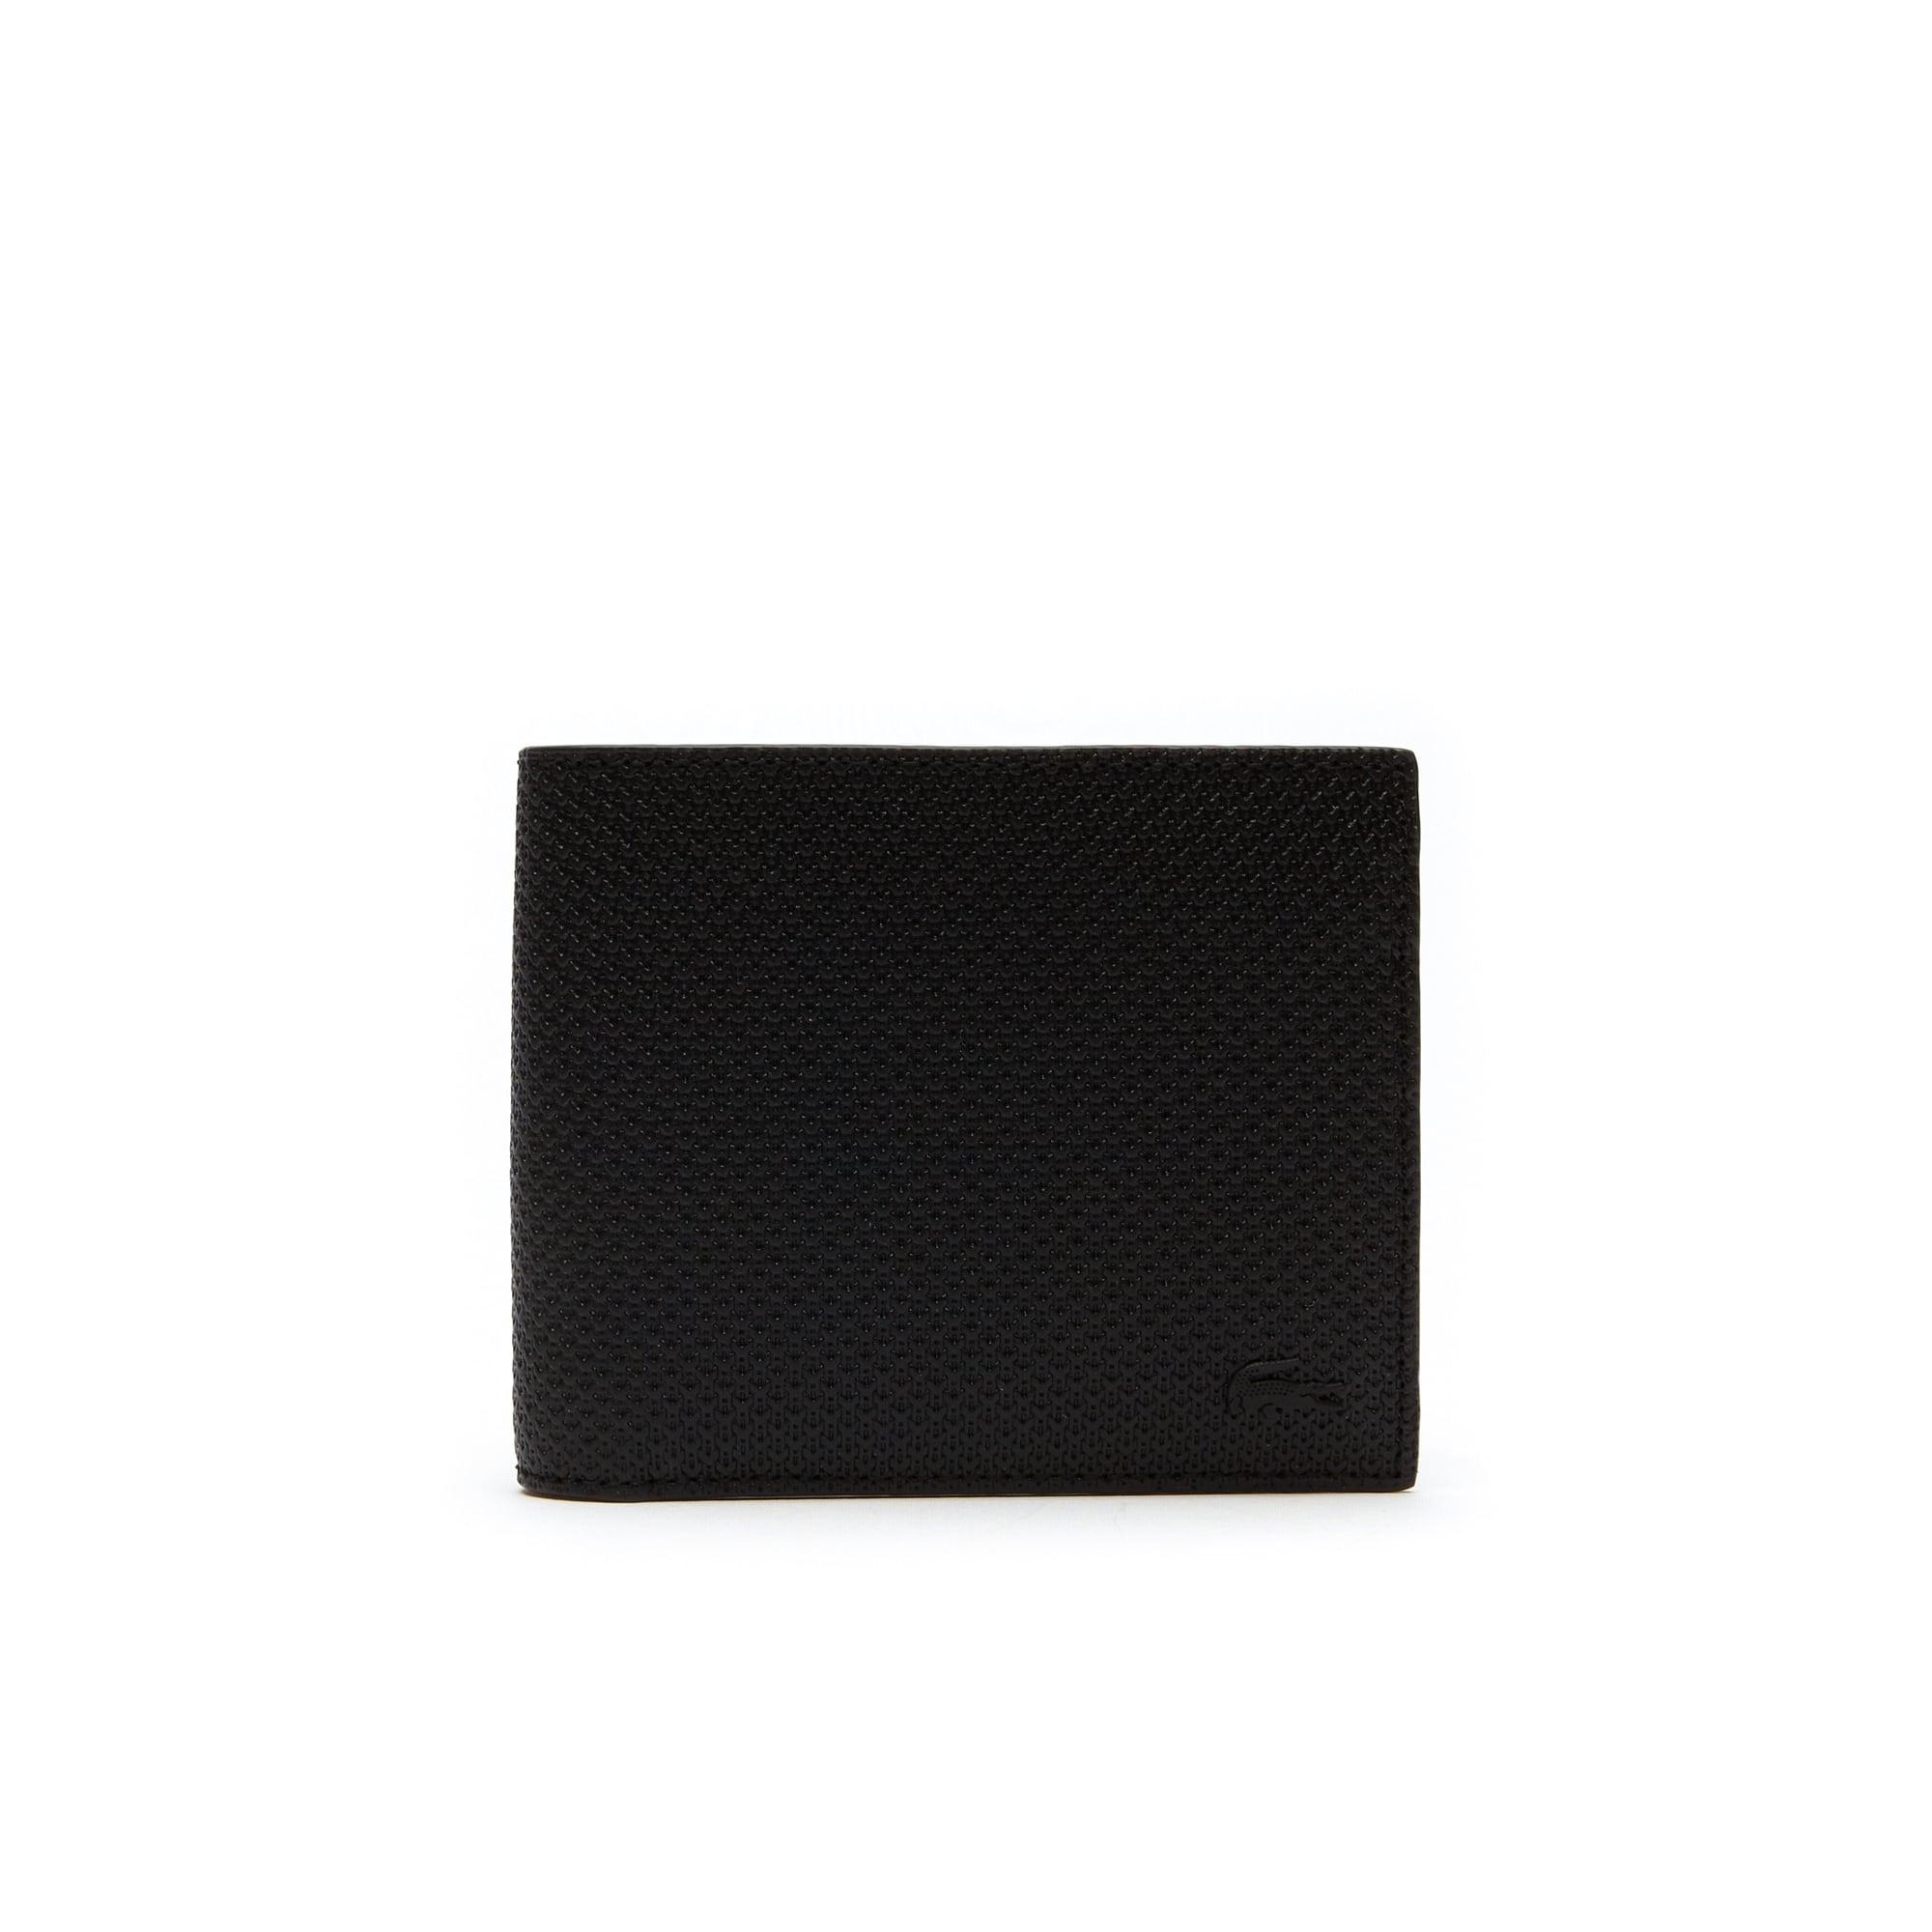 Coffret portefeuille et porte-cartes Chantaco en cuir piqué mat uni